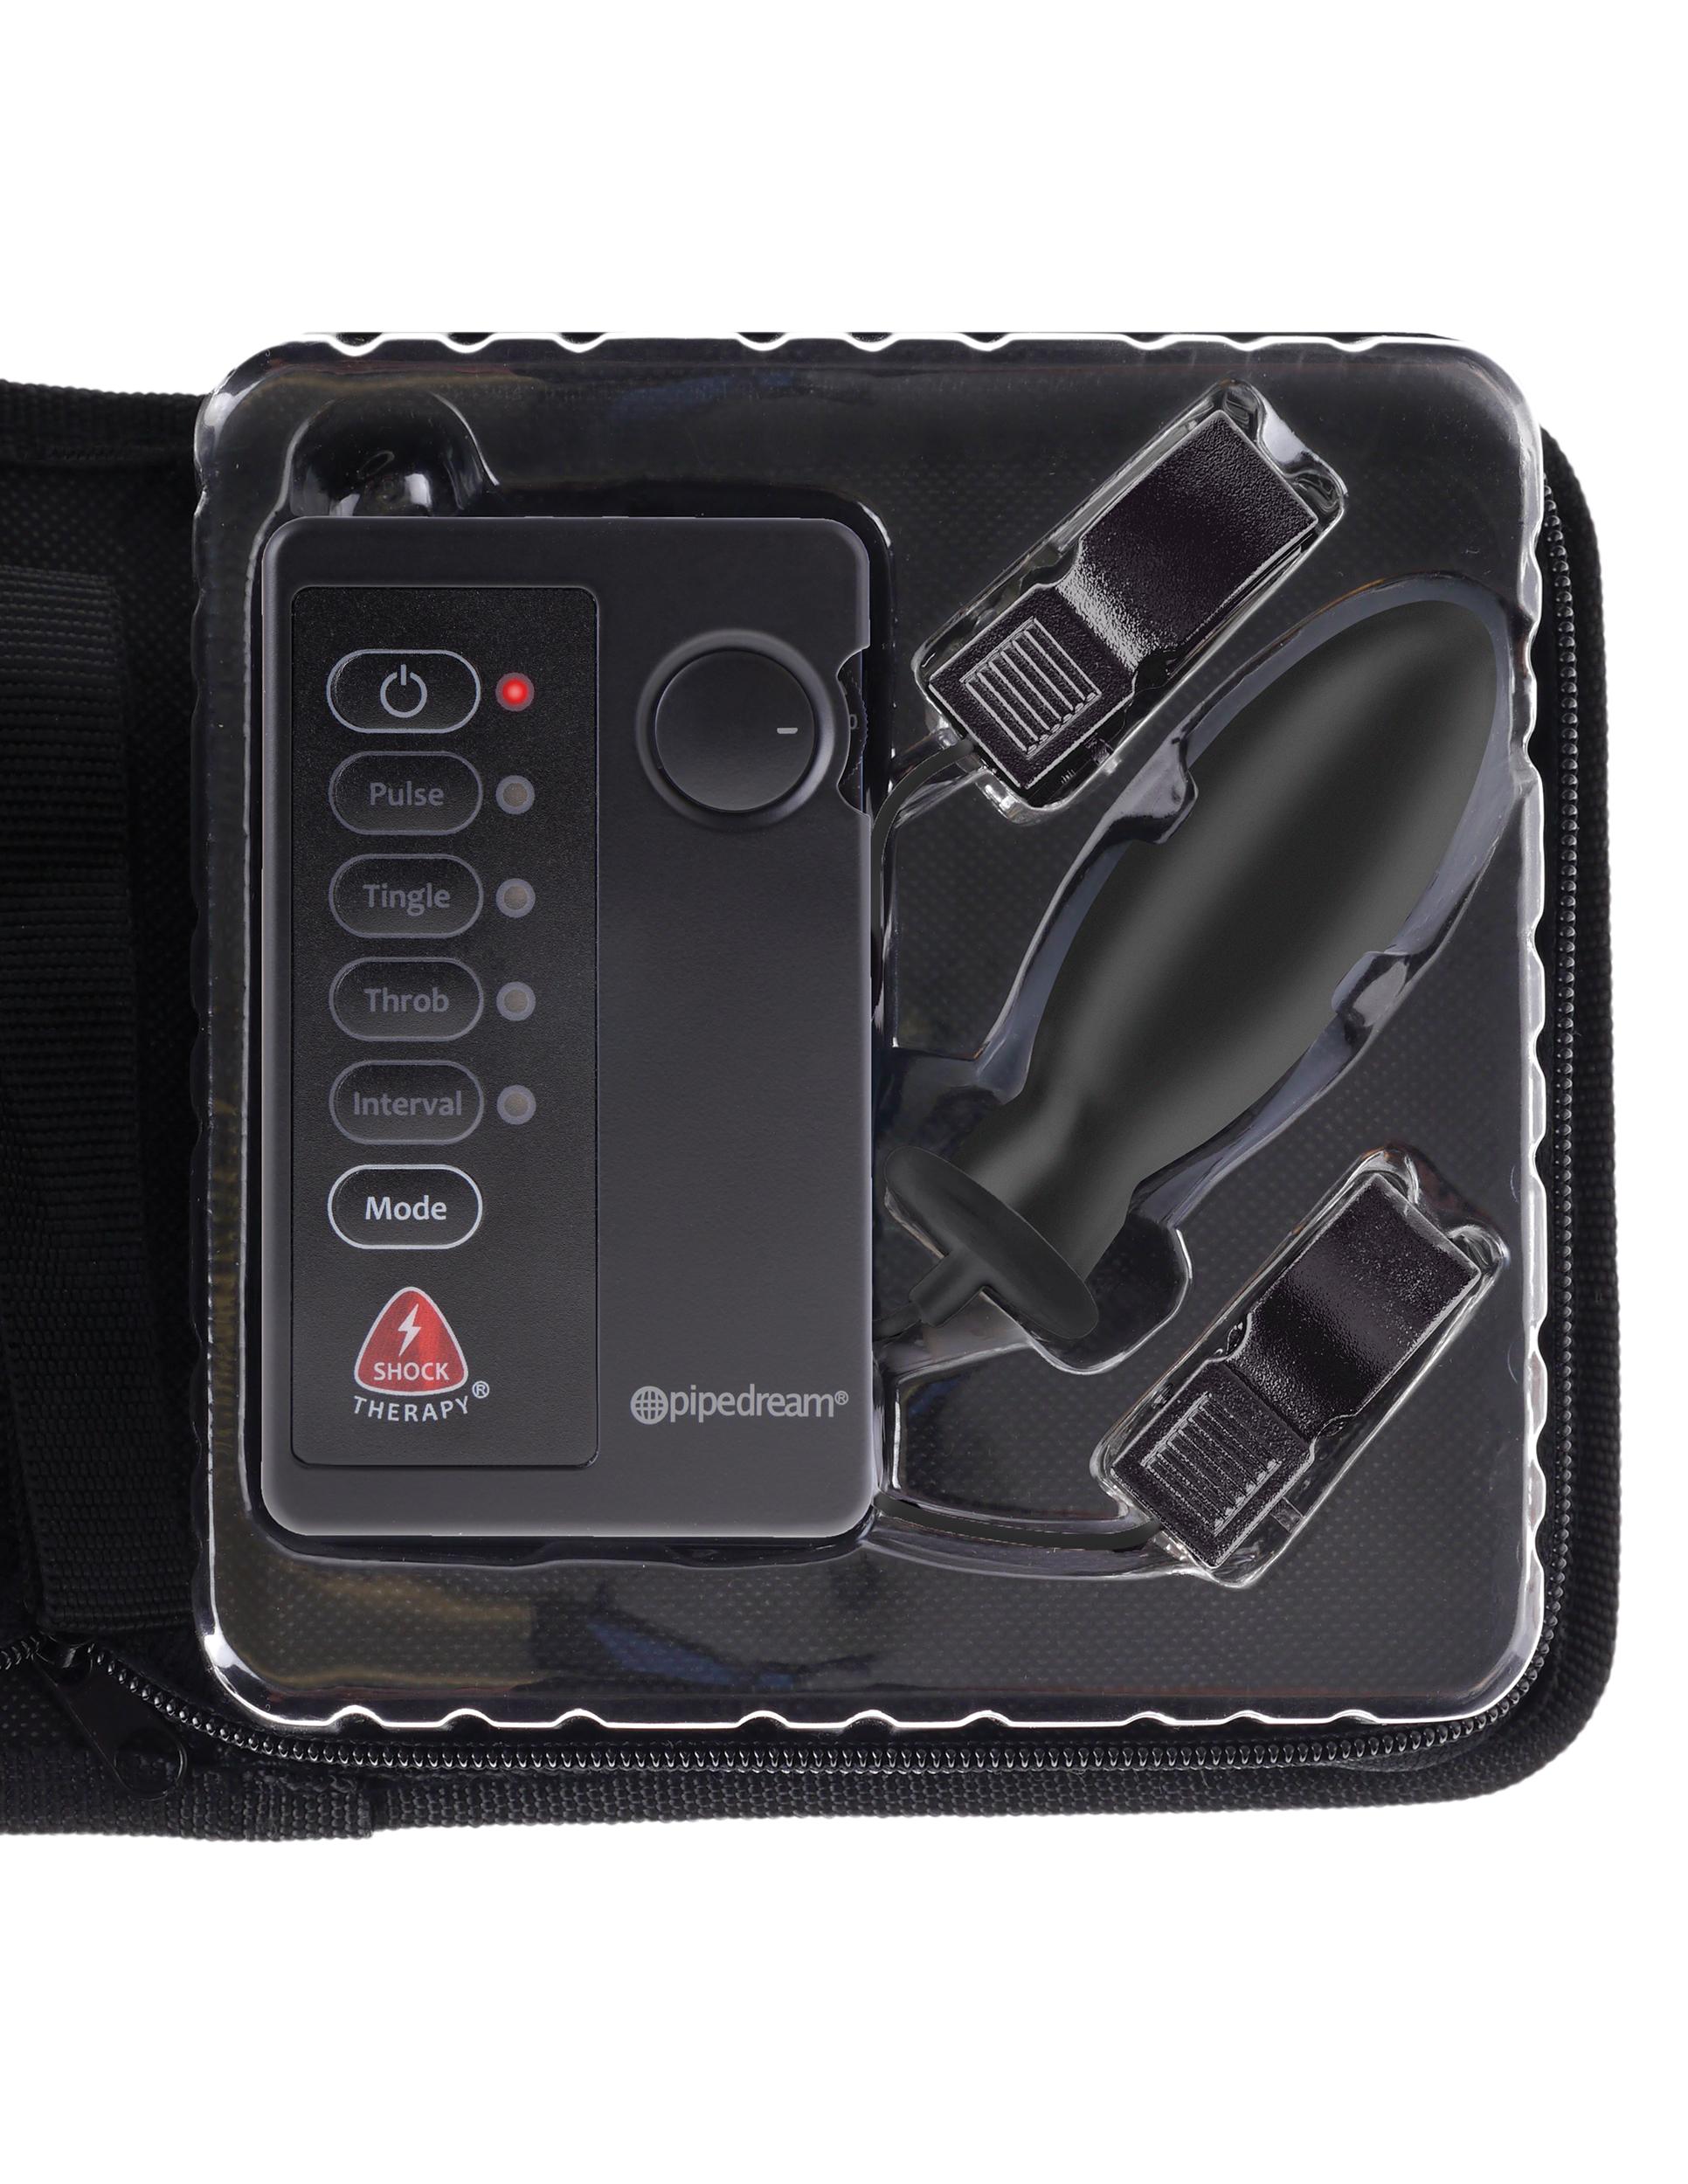 Электростимулятор для тела shock therapy инструкция 16 фотография